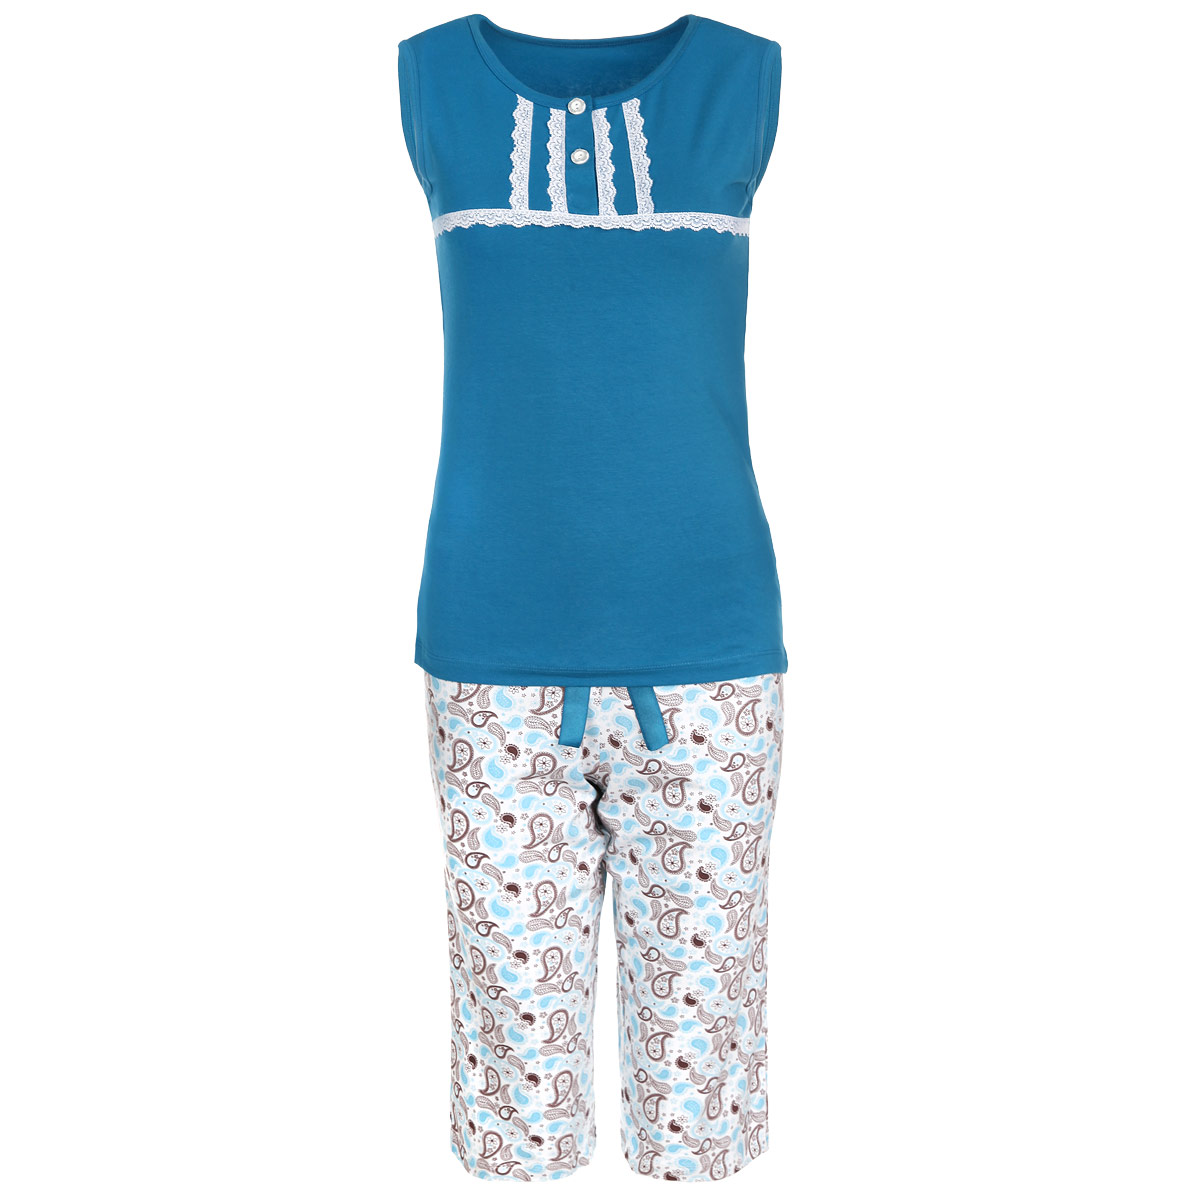 Пижама женская Milana Style, цвет: бирюзовый, белый. 634. Размер L (48)634Женская пижама Milana Style состоит из майки и бридж. Пижама выполнена из приятного на ощупь хлопкового материала. Майка и бриджи не сковывают движения и позволяют коже дышать. Майка прямого кроя с круглым вырезом горловины и без рукавов, на груди застегивается на две пуговки. Майка декорирована кружевной тесьмой. Прямые свободные бриджи на широкой эластичной резинке оформлены оригинальным принтом и атласным бантиком на талии. Идеальные конструкции и приятное цветовое решение - отличный выбор на каждый день. В такой пижаме вам будет максимально комфортно и уютно.